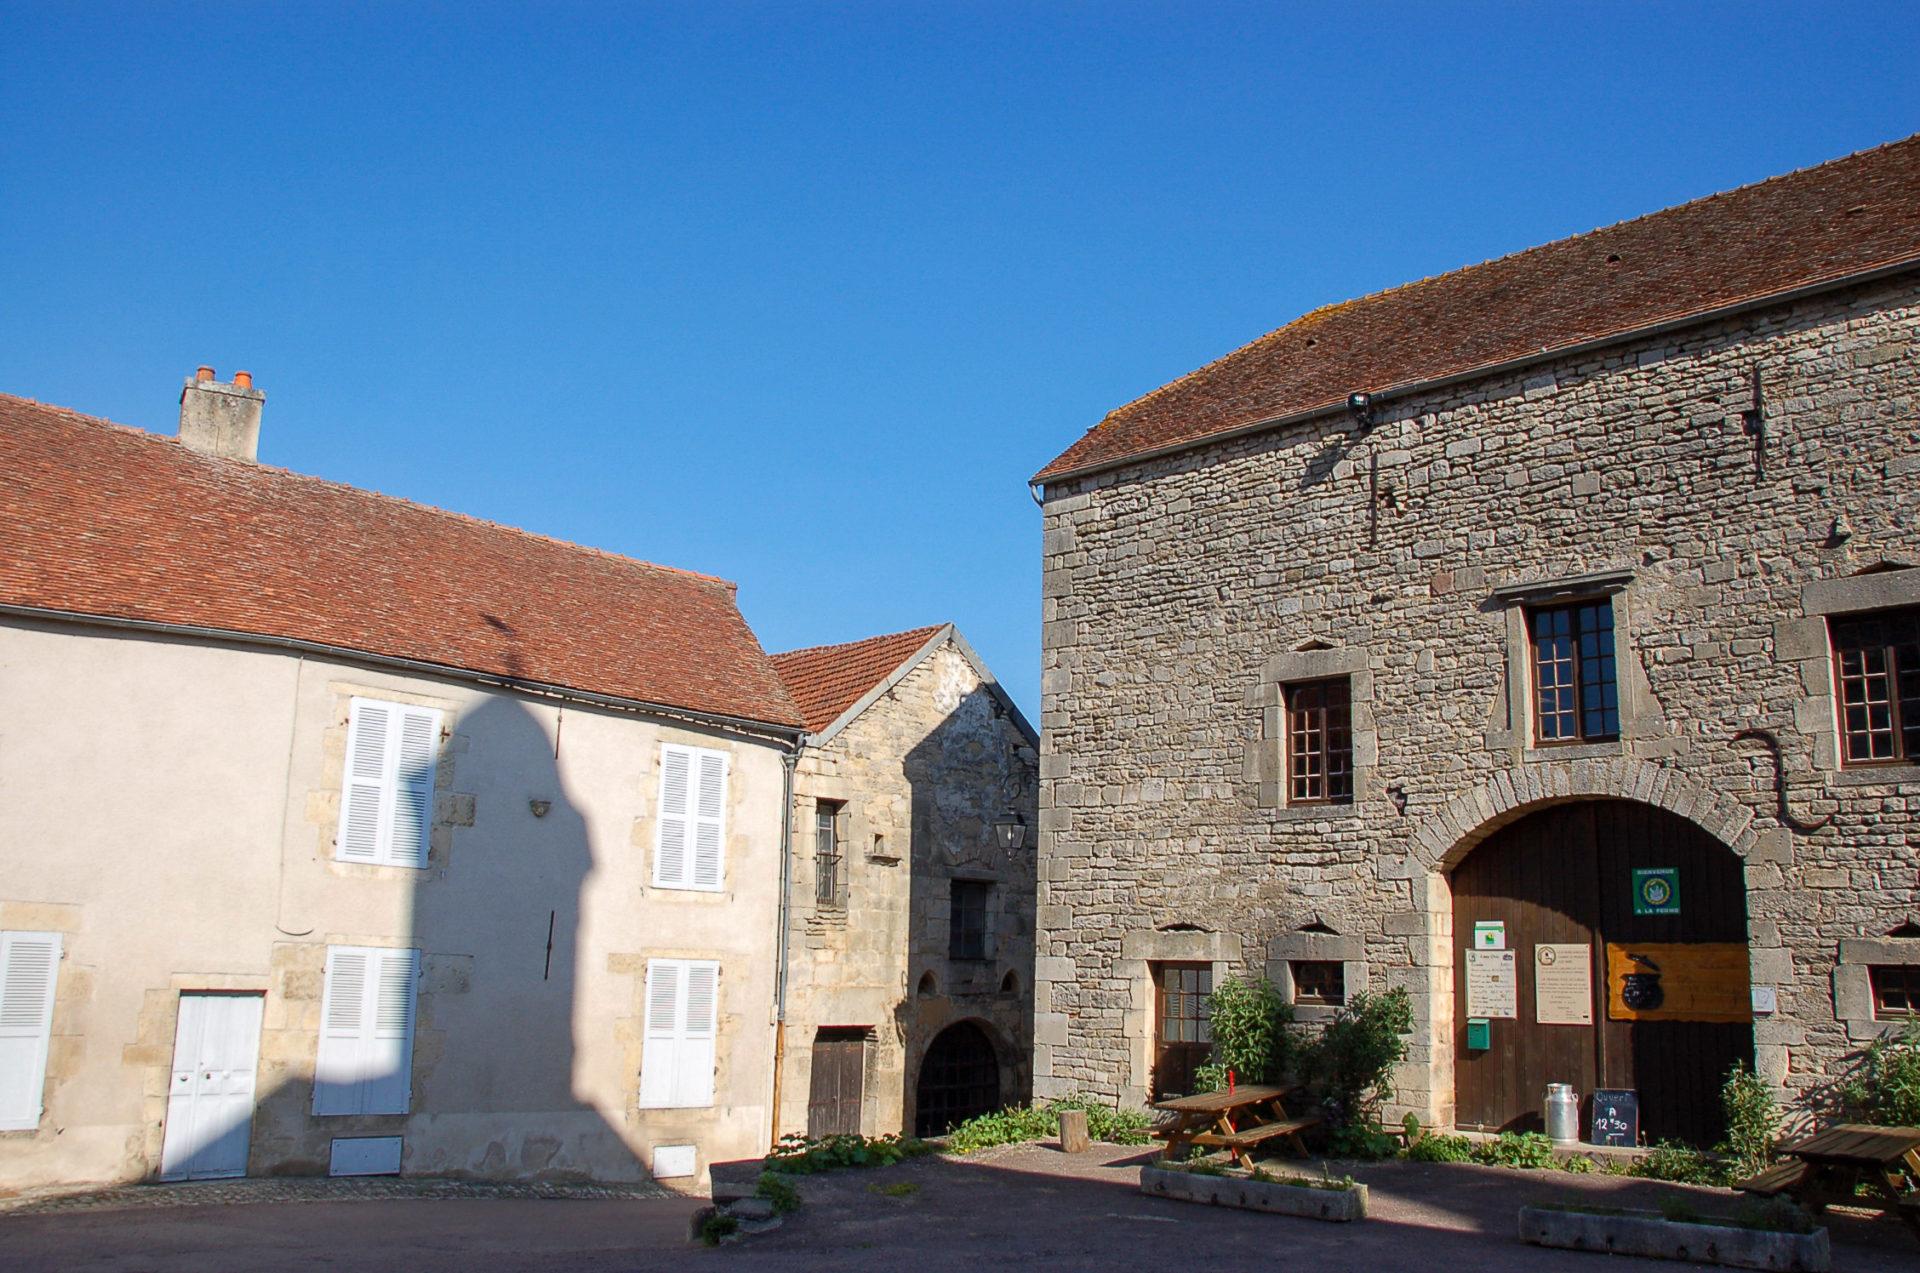 Alte Häuser und Schatten des Kirchtums in Flavigny